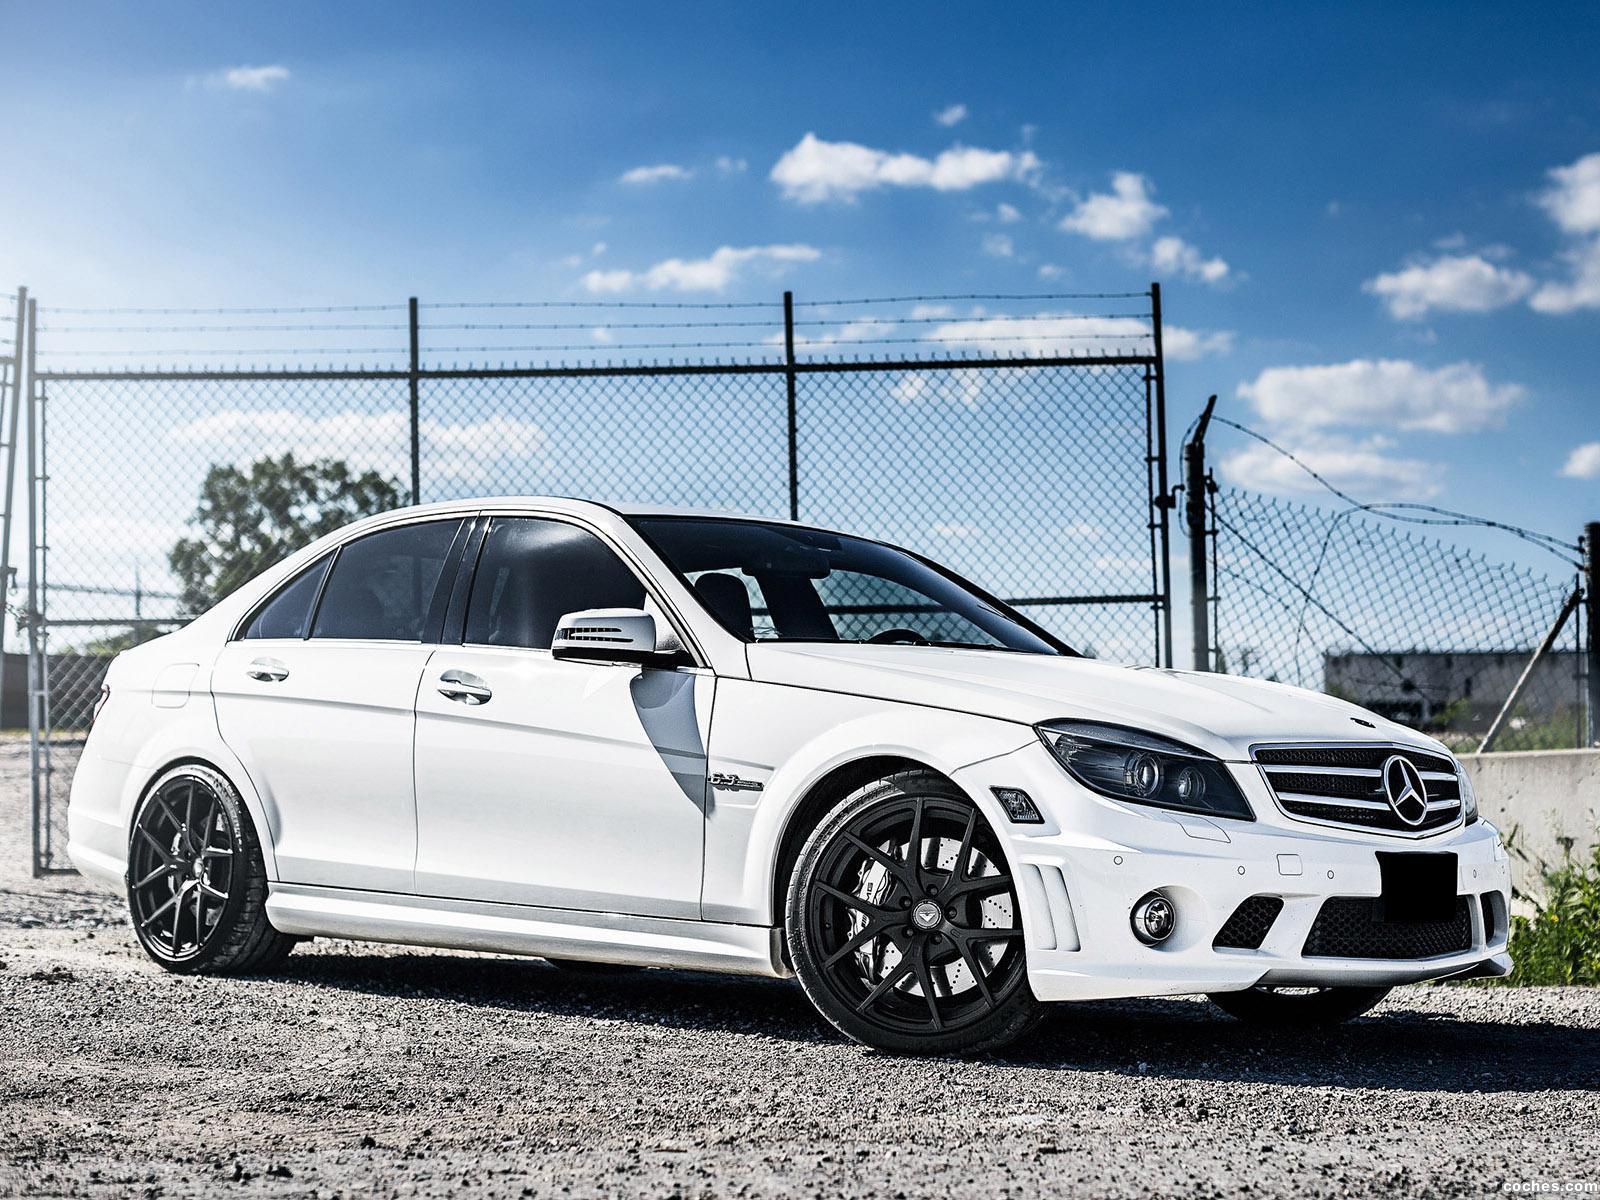 Foto 0 de Vorsteiner Mercedes Clase C C63 AMG V-FF 101 2014